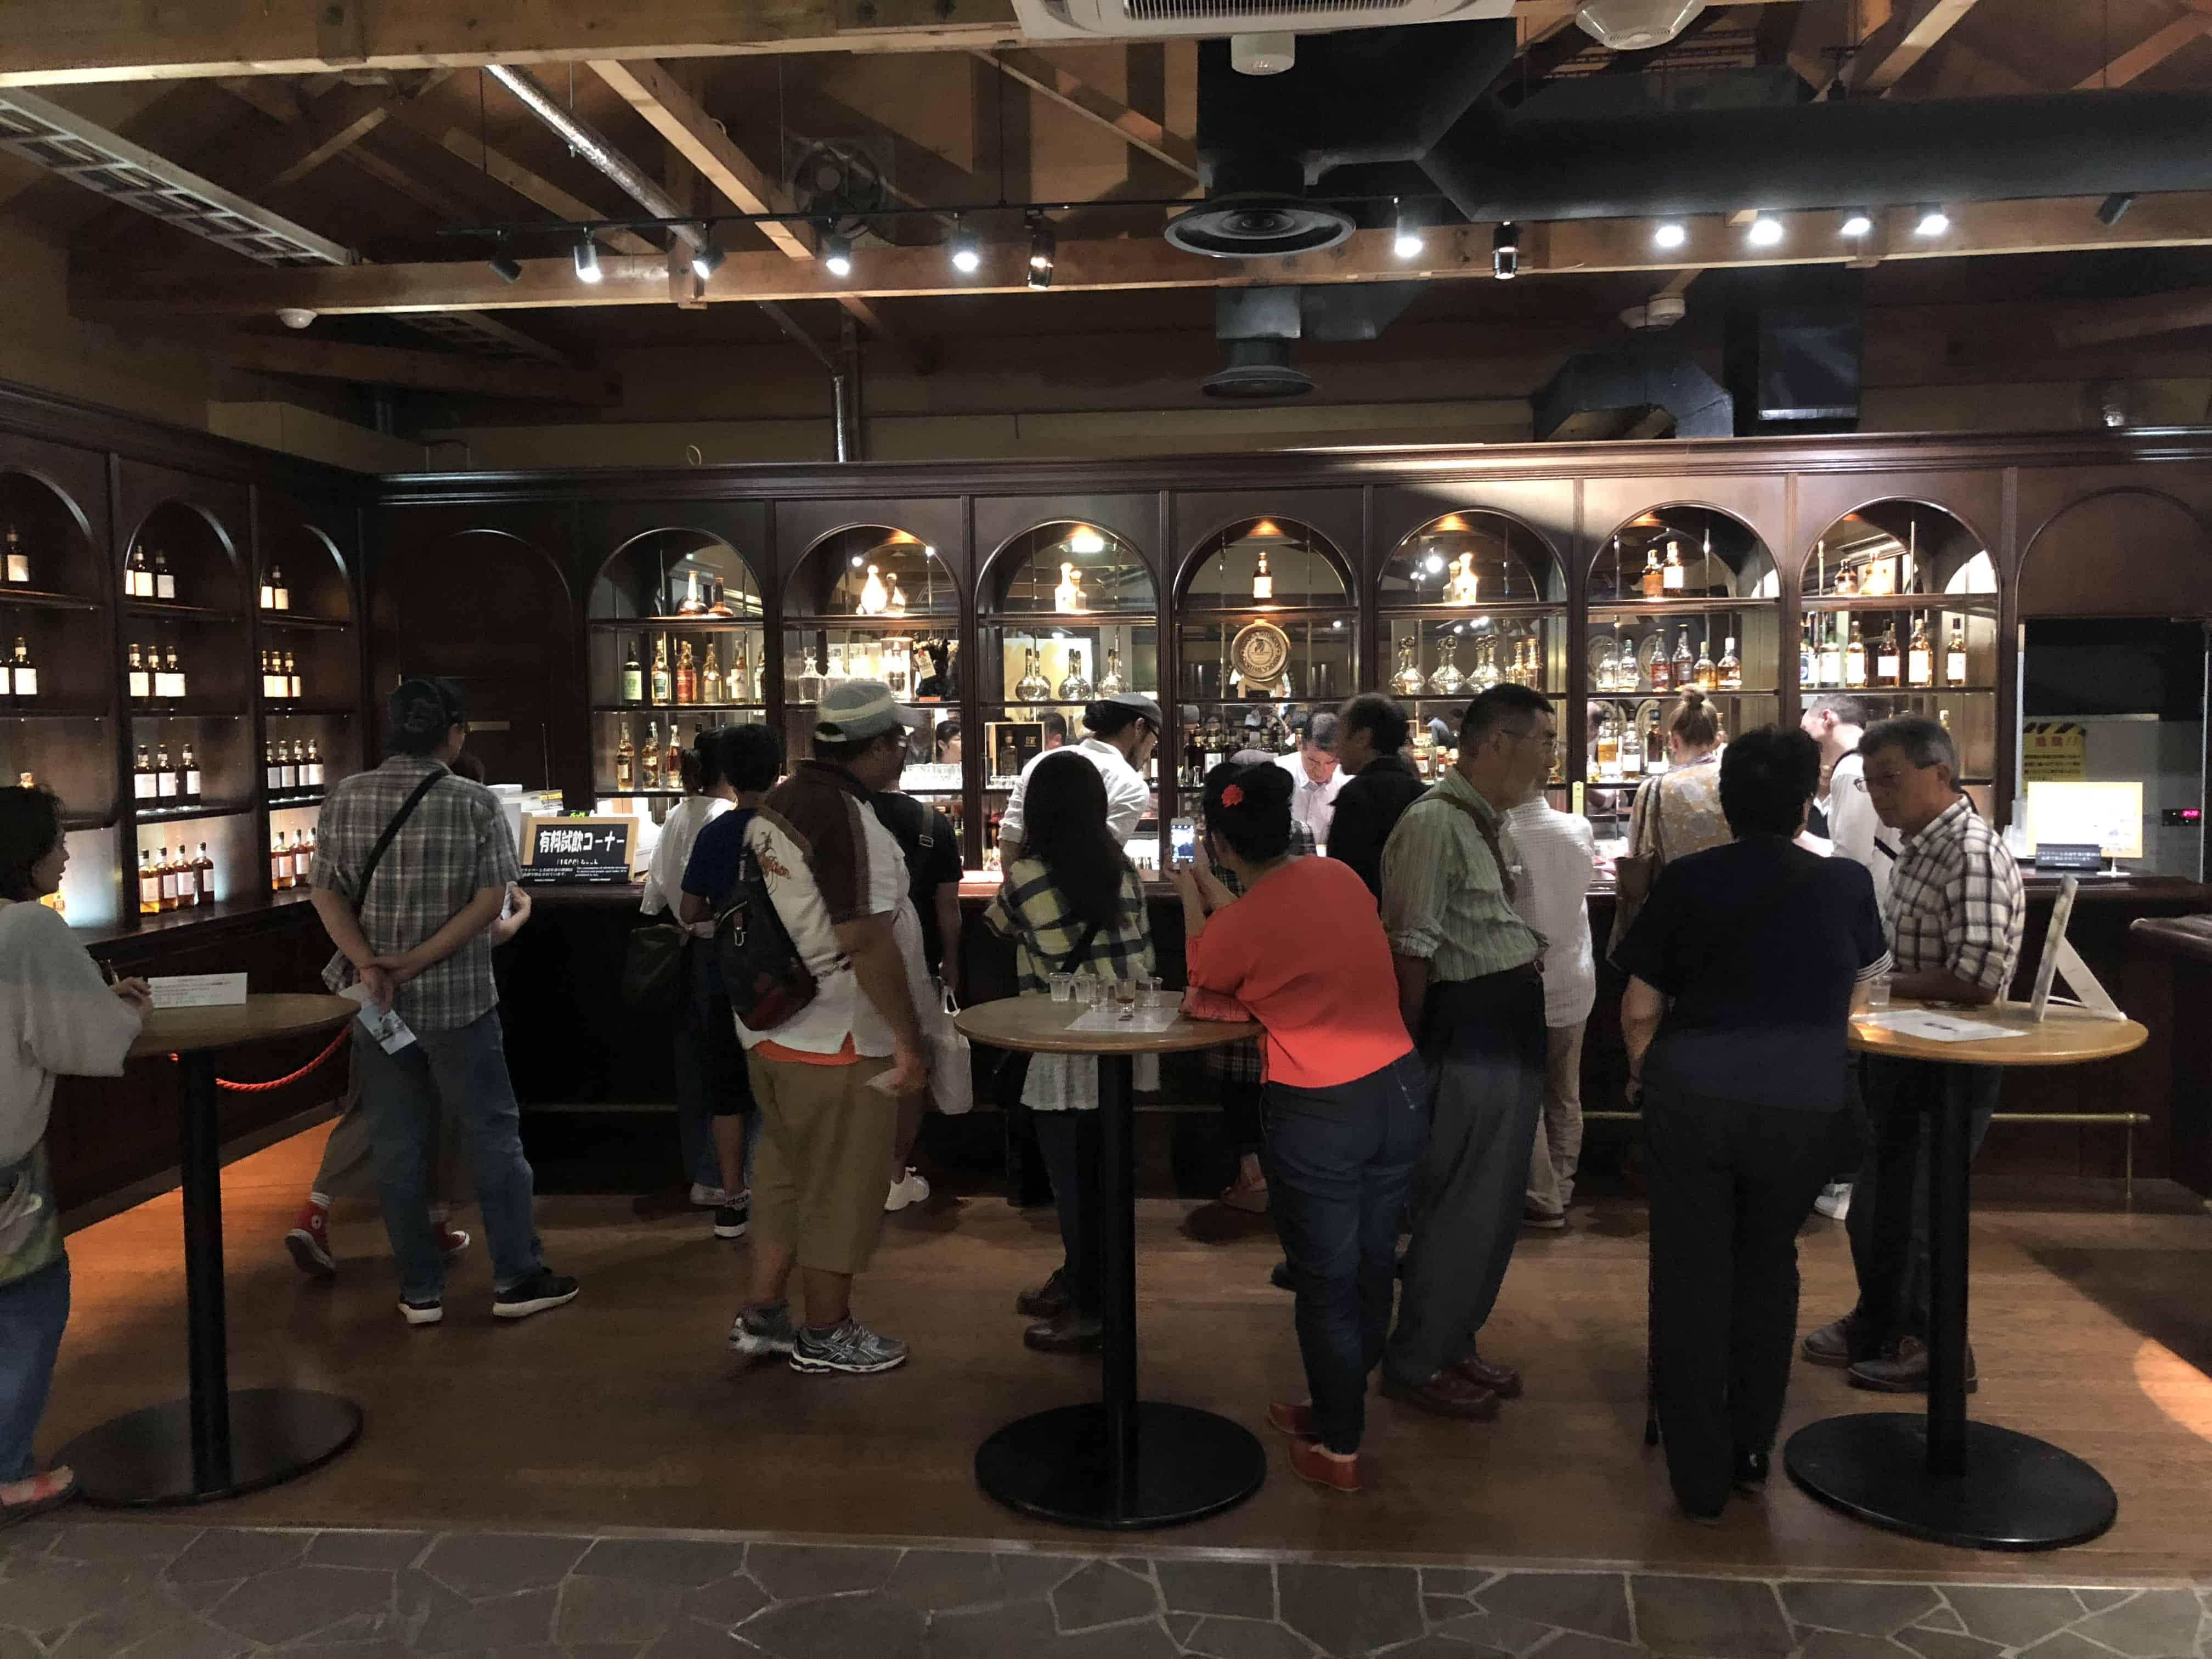 北海道自由行:尋找日本威士忌之旅 – 余市篇